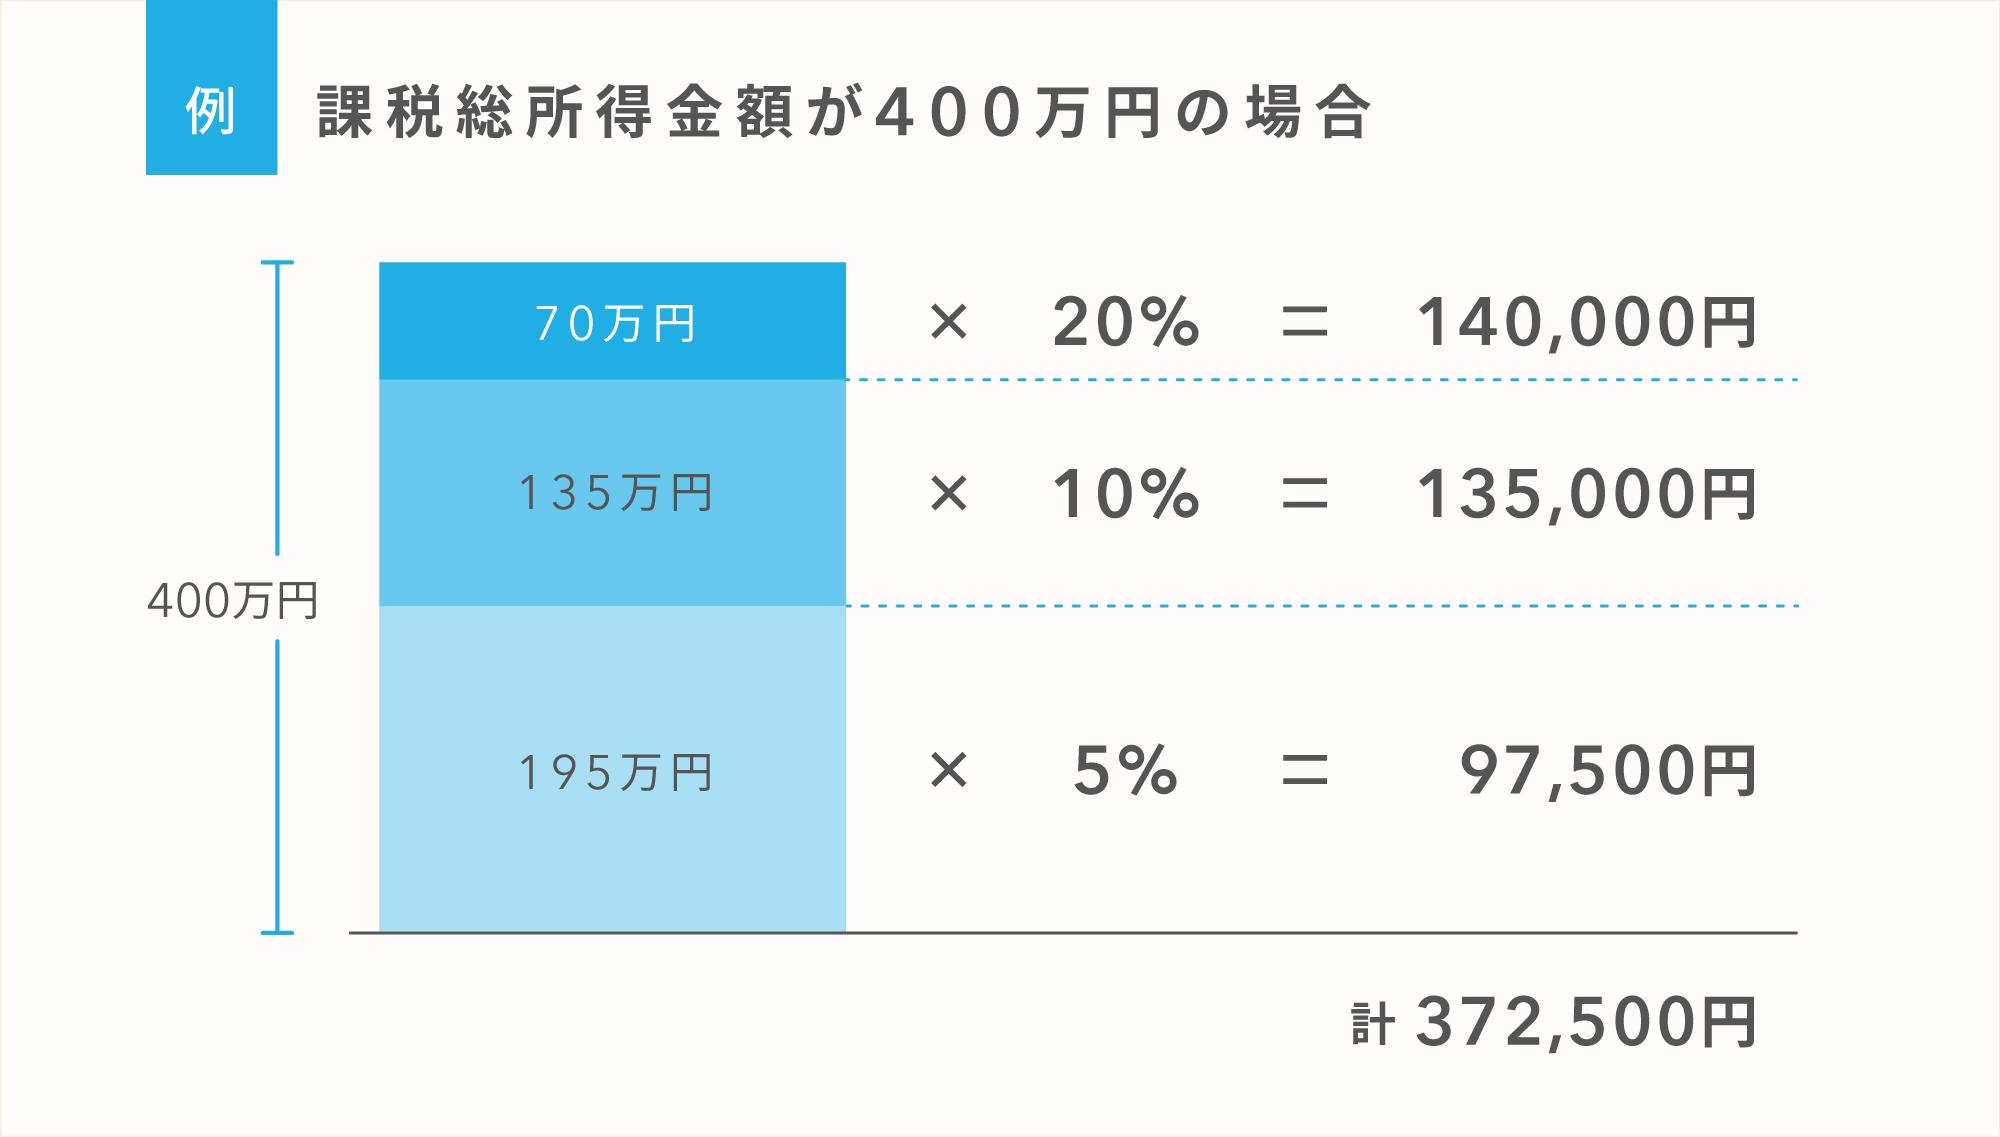 例)課税総所得金額が400万円の場合